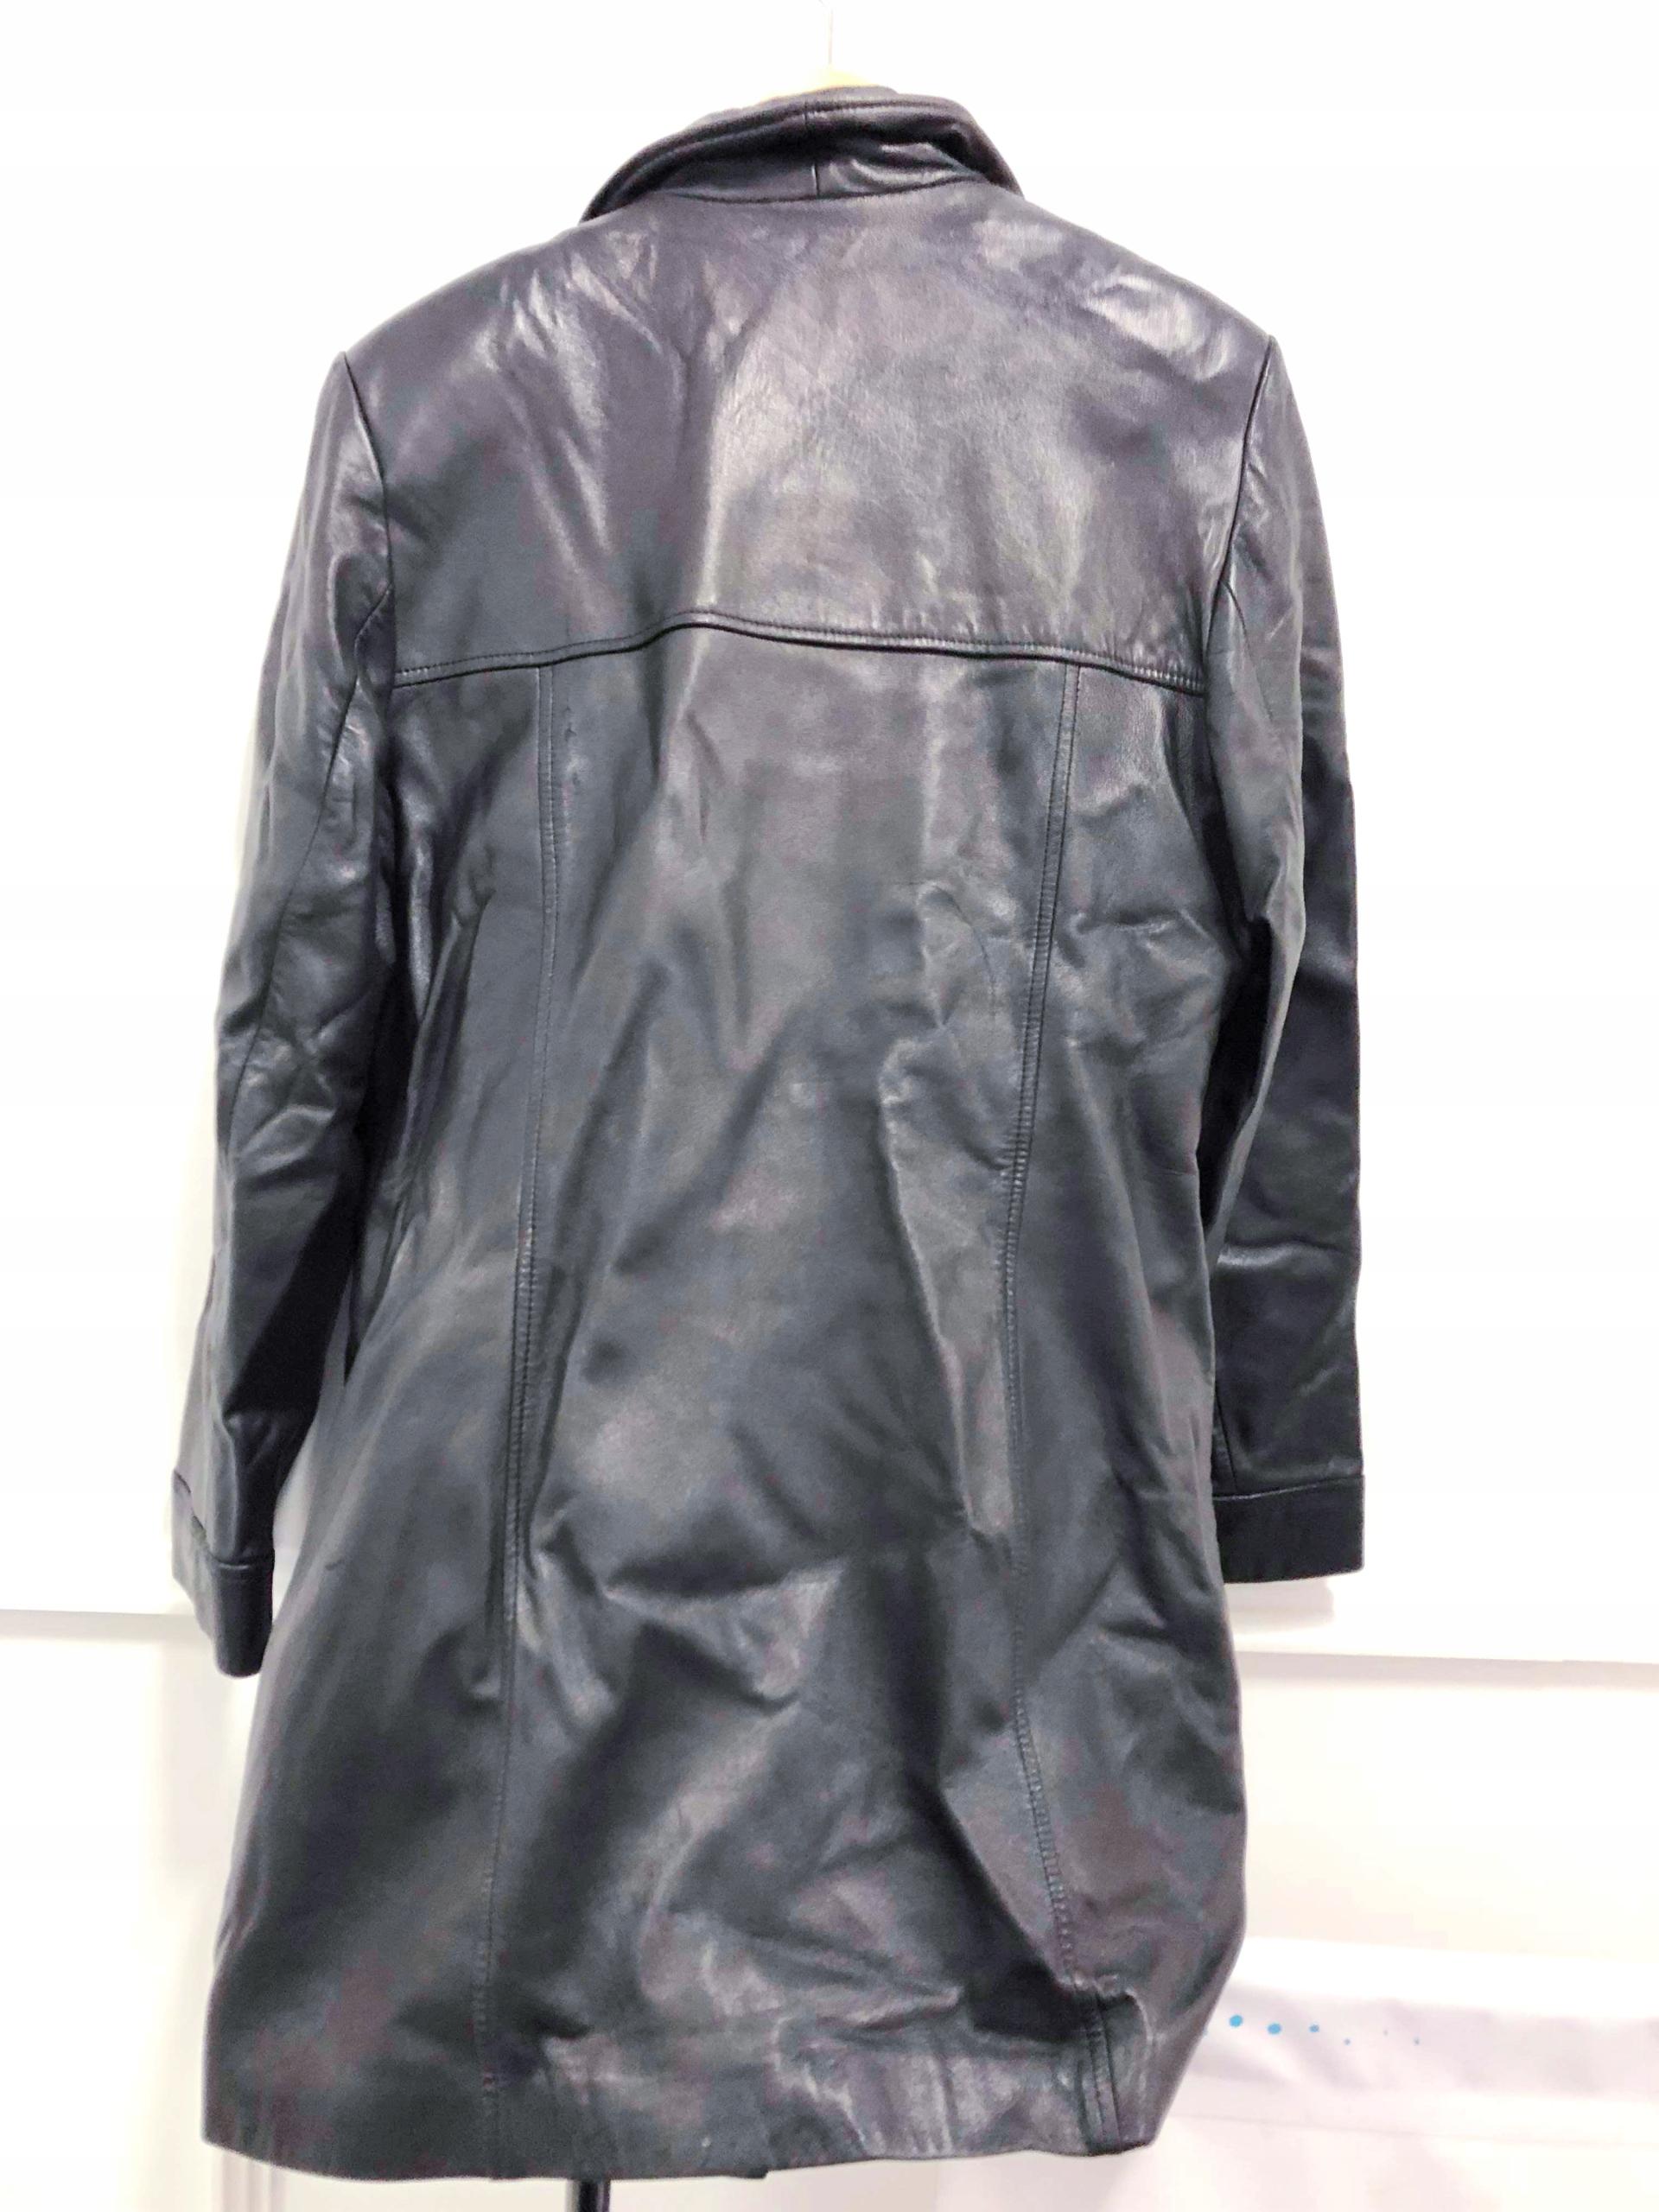 5eb1410d8b9ba płaszcz czarny skóra 42 44 Danier Canada długi - 7653067494 ...